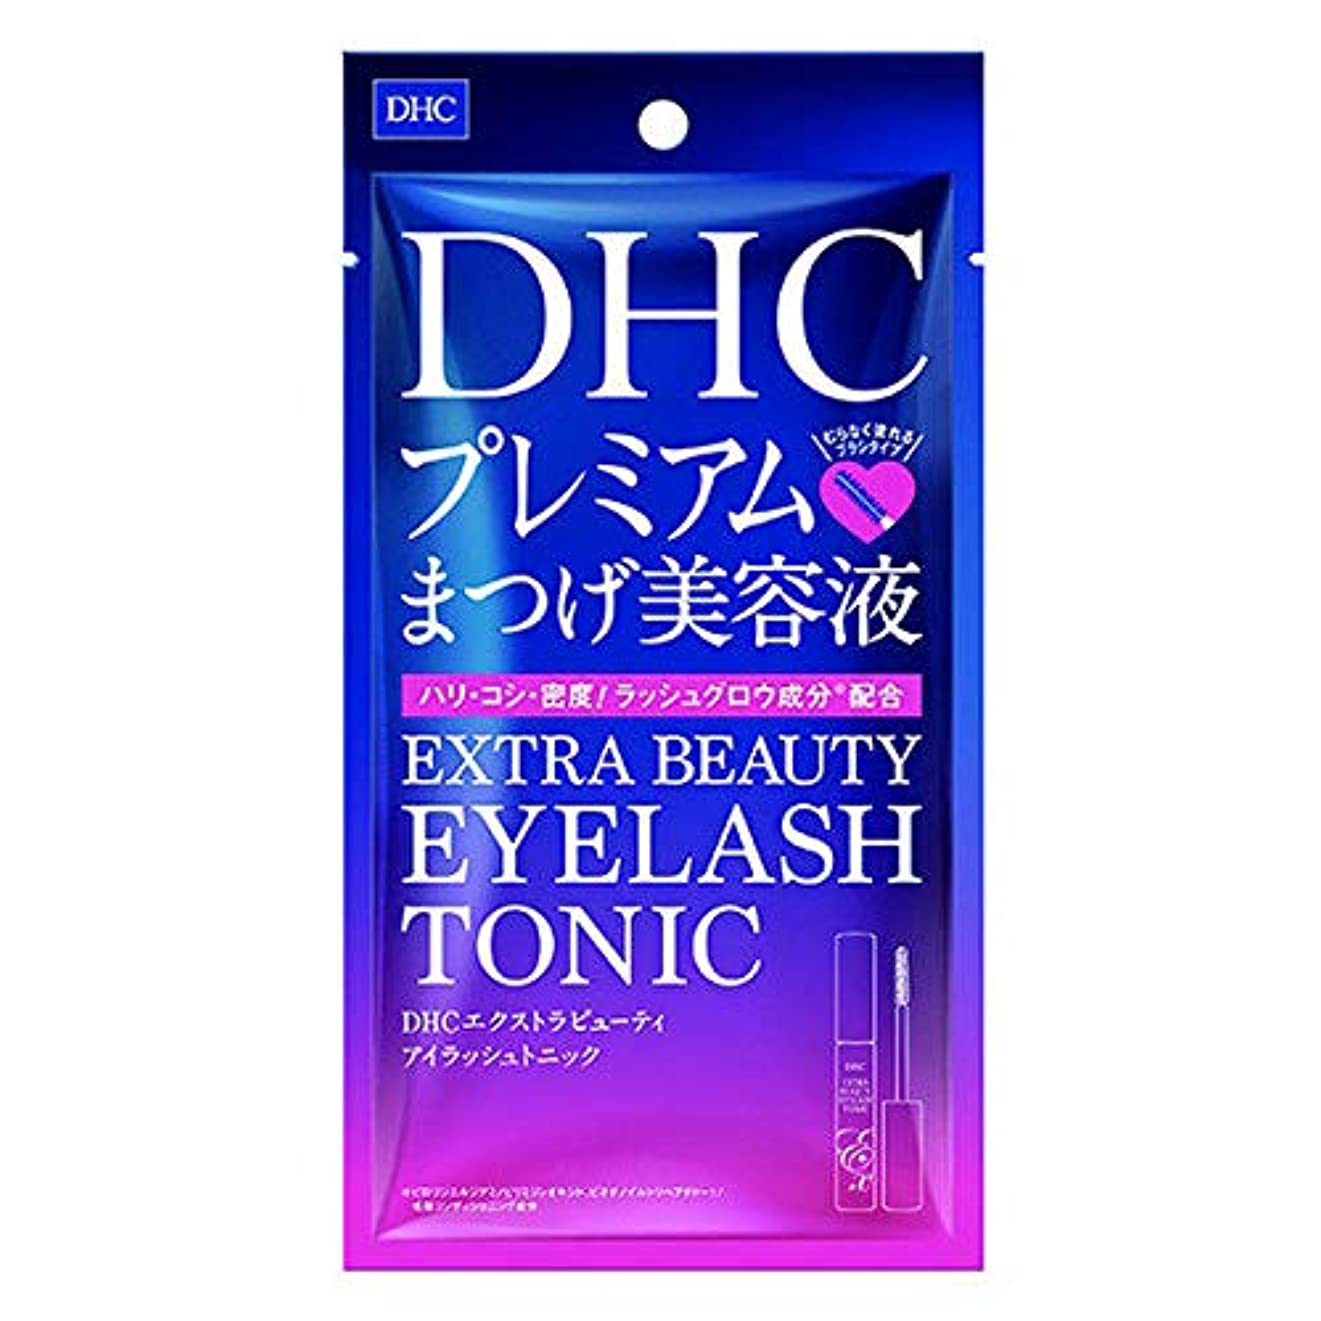 罰する該当する経験的DHC エクストラビューティアイラッシュトニック 6.5ml プレミアムまつげ美容液